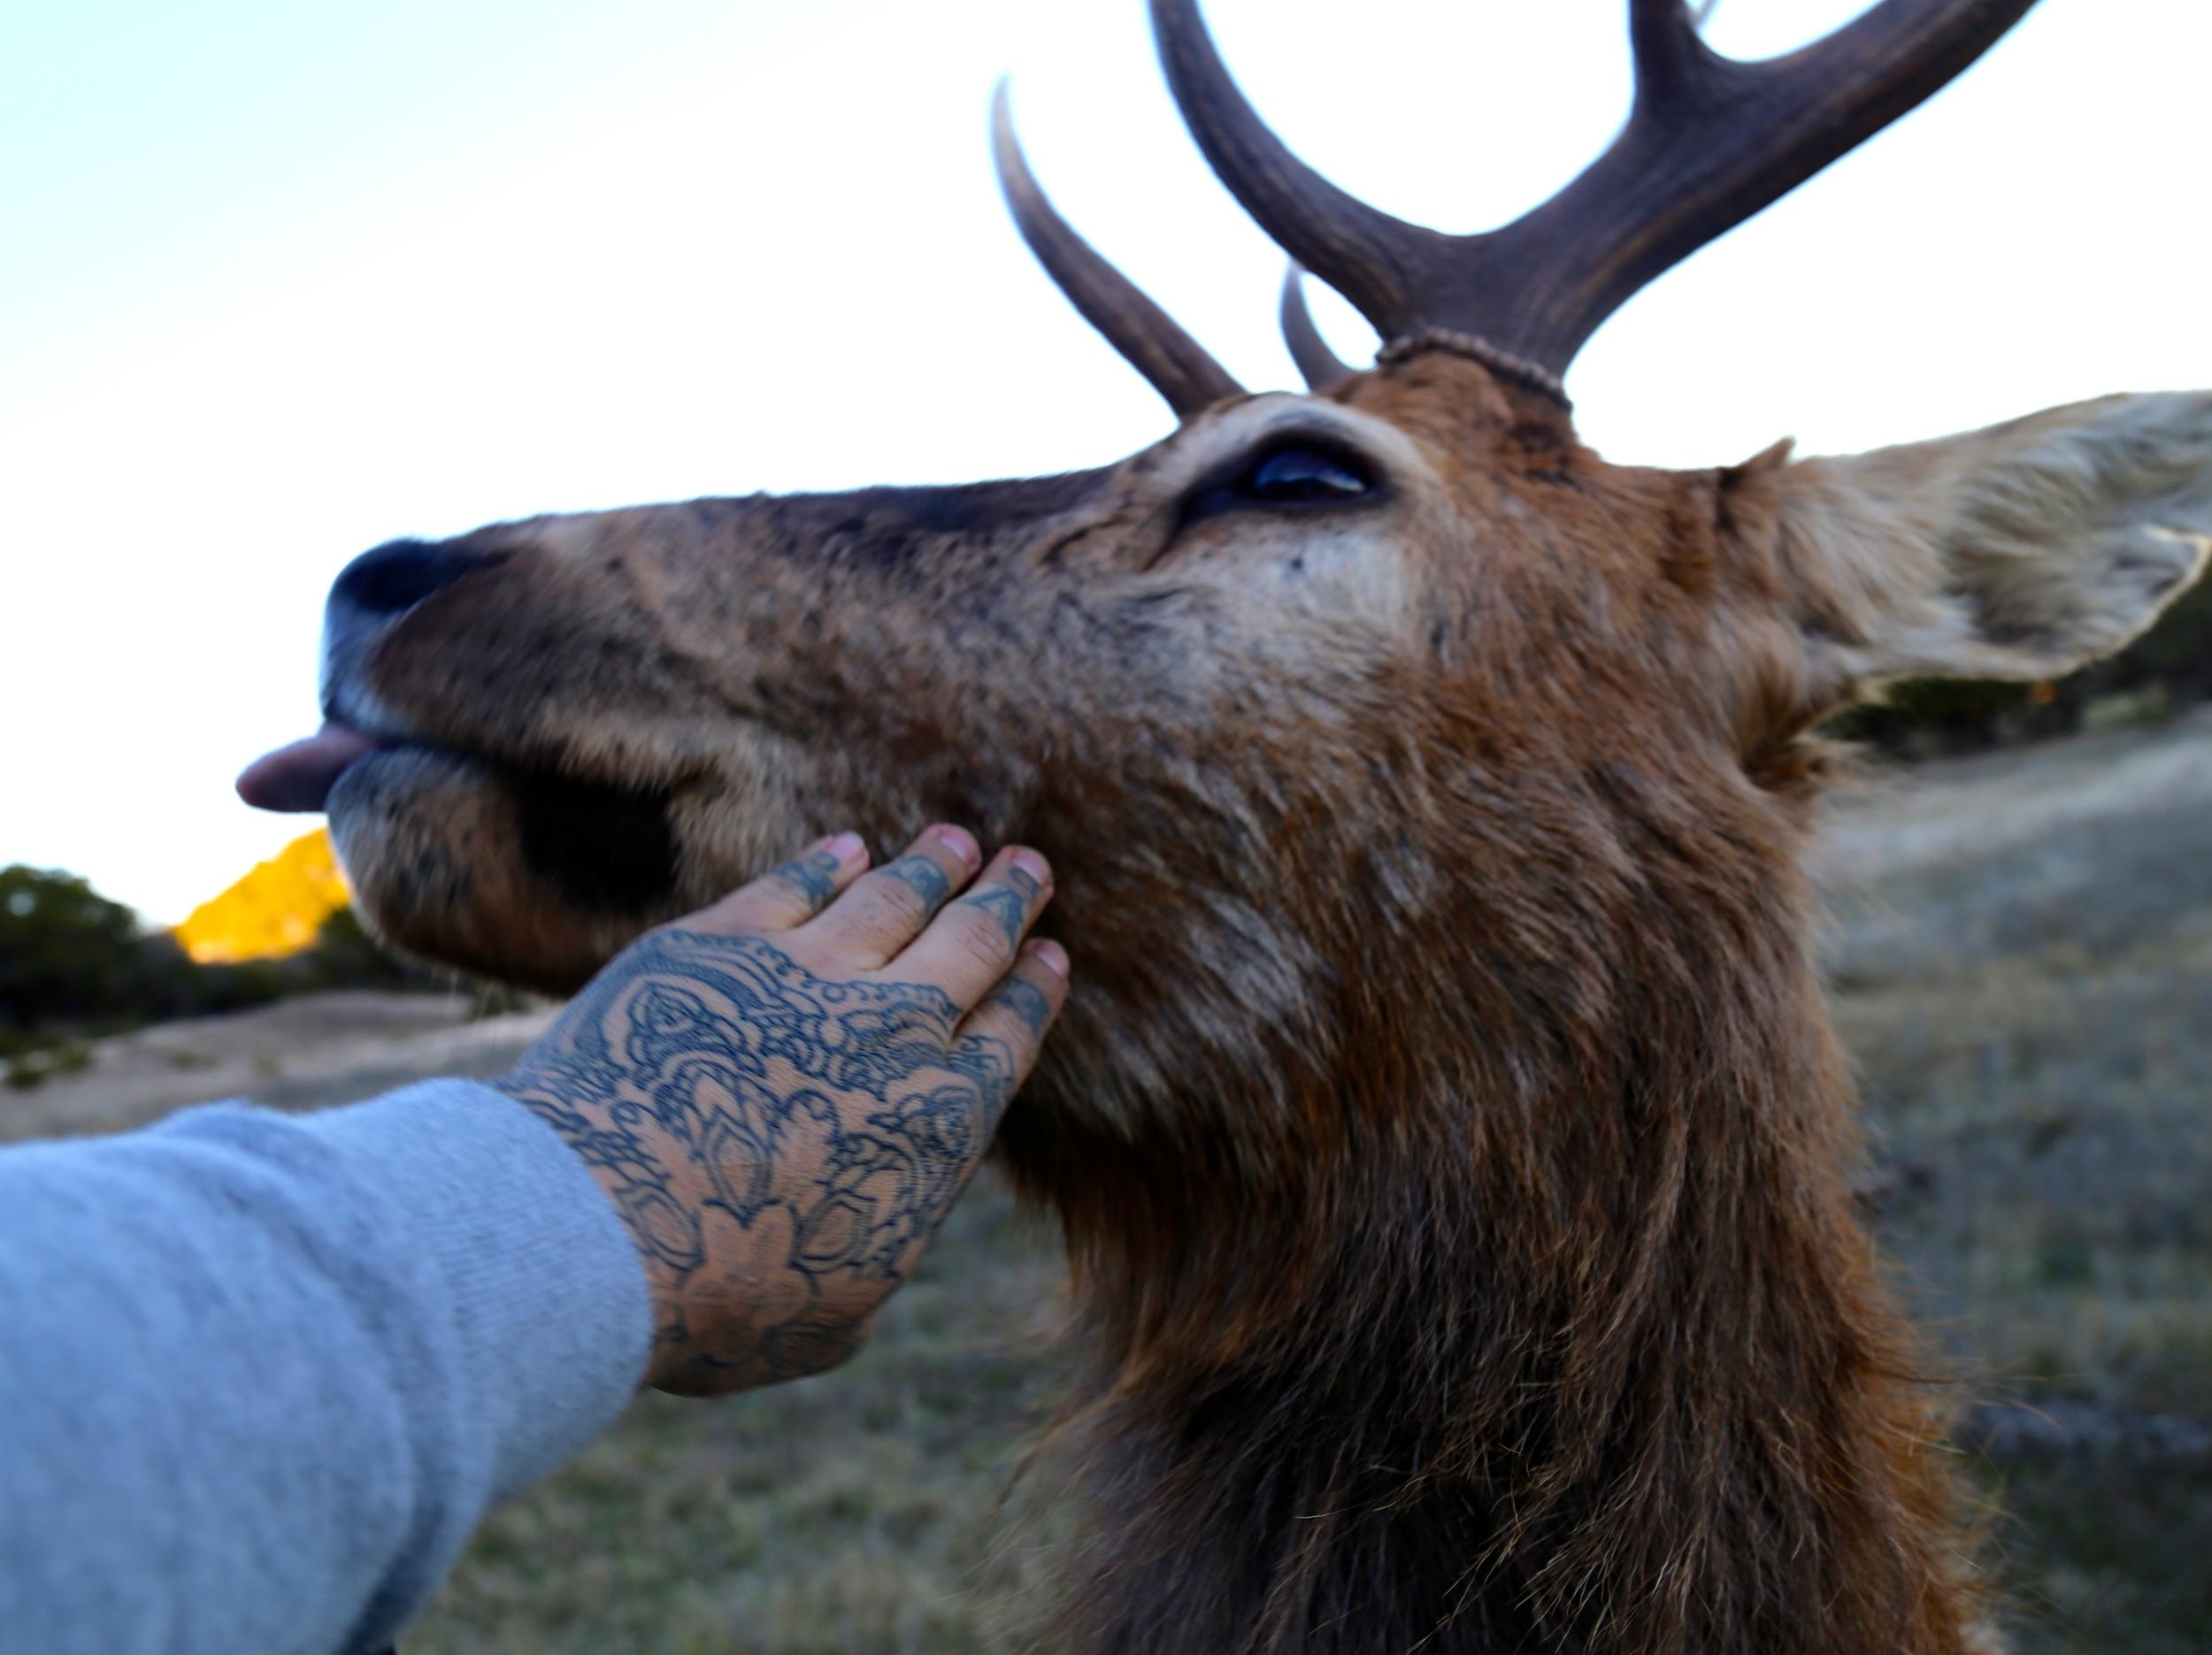 Feeding animals 2 enrique bernal ejay tattoo.JPG